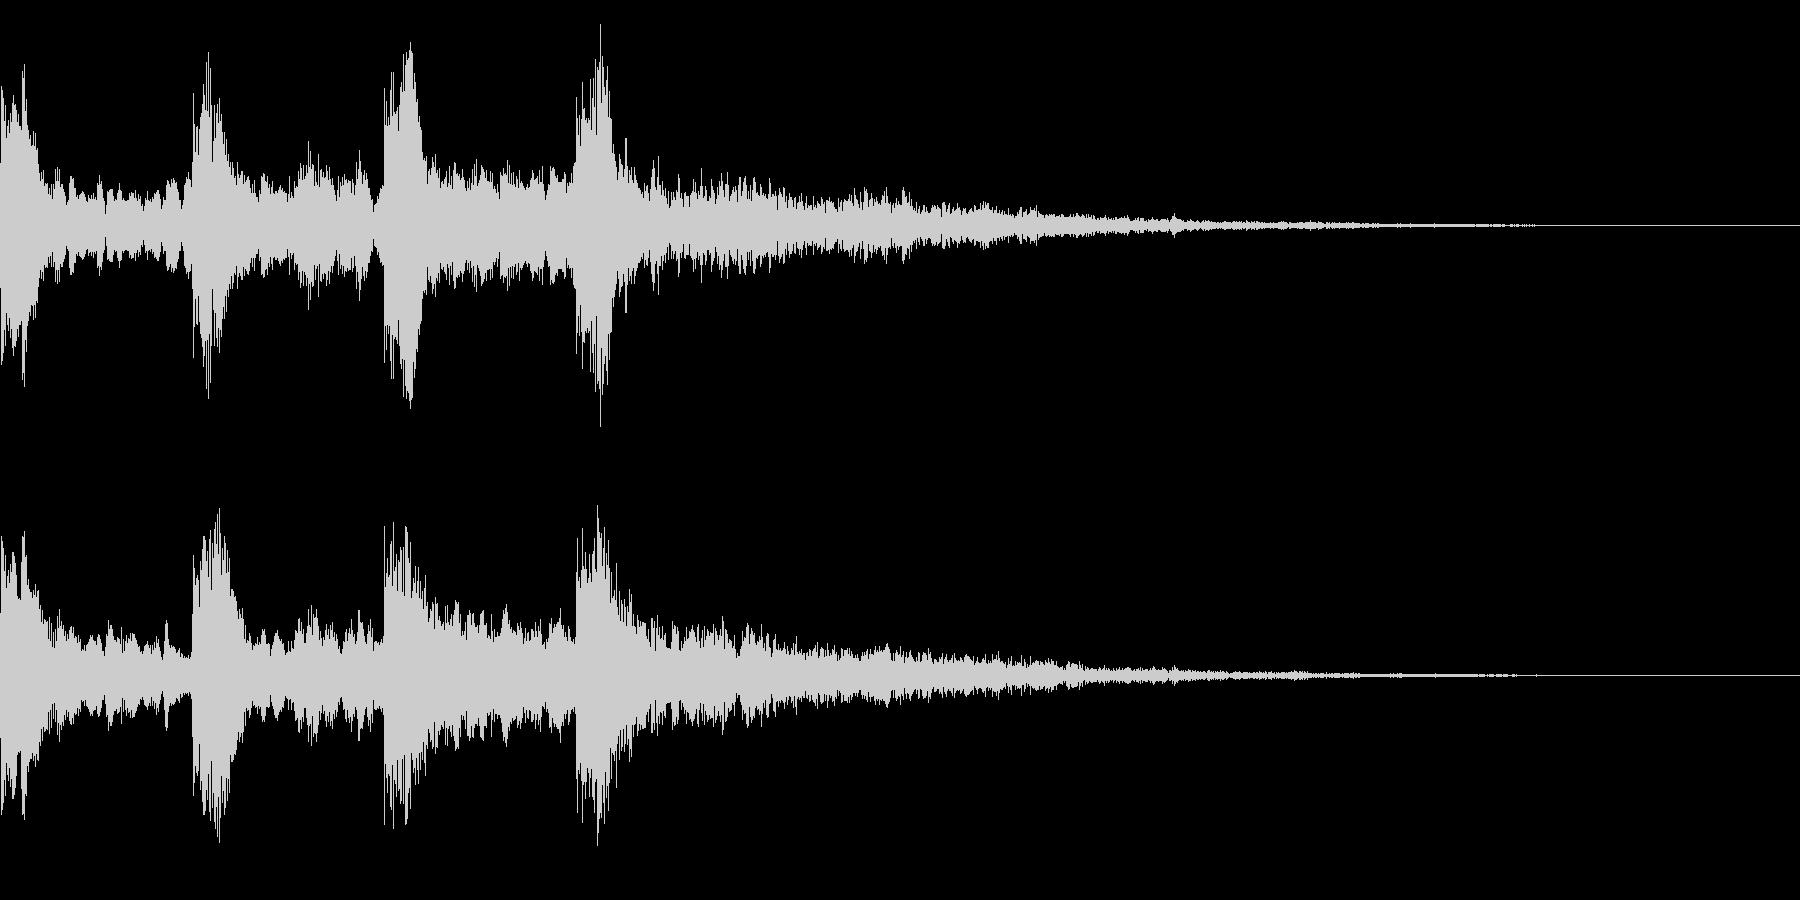 ミステリーな音 レトロなゲームオーバー音の未再生の波形